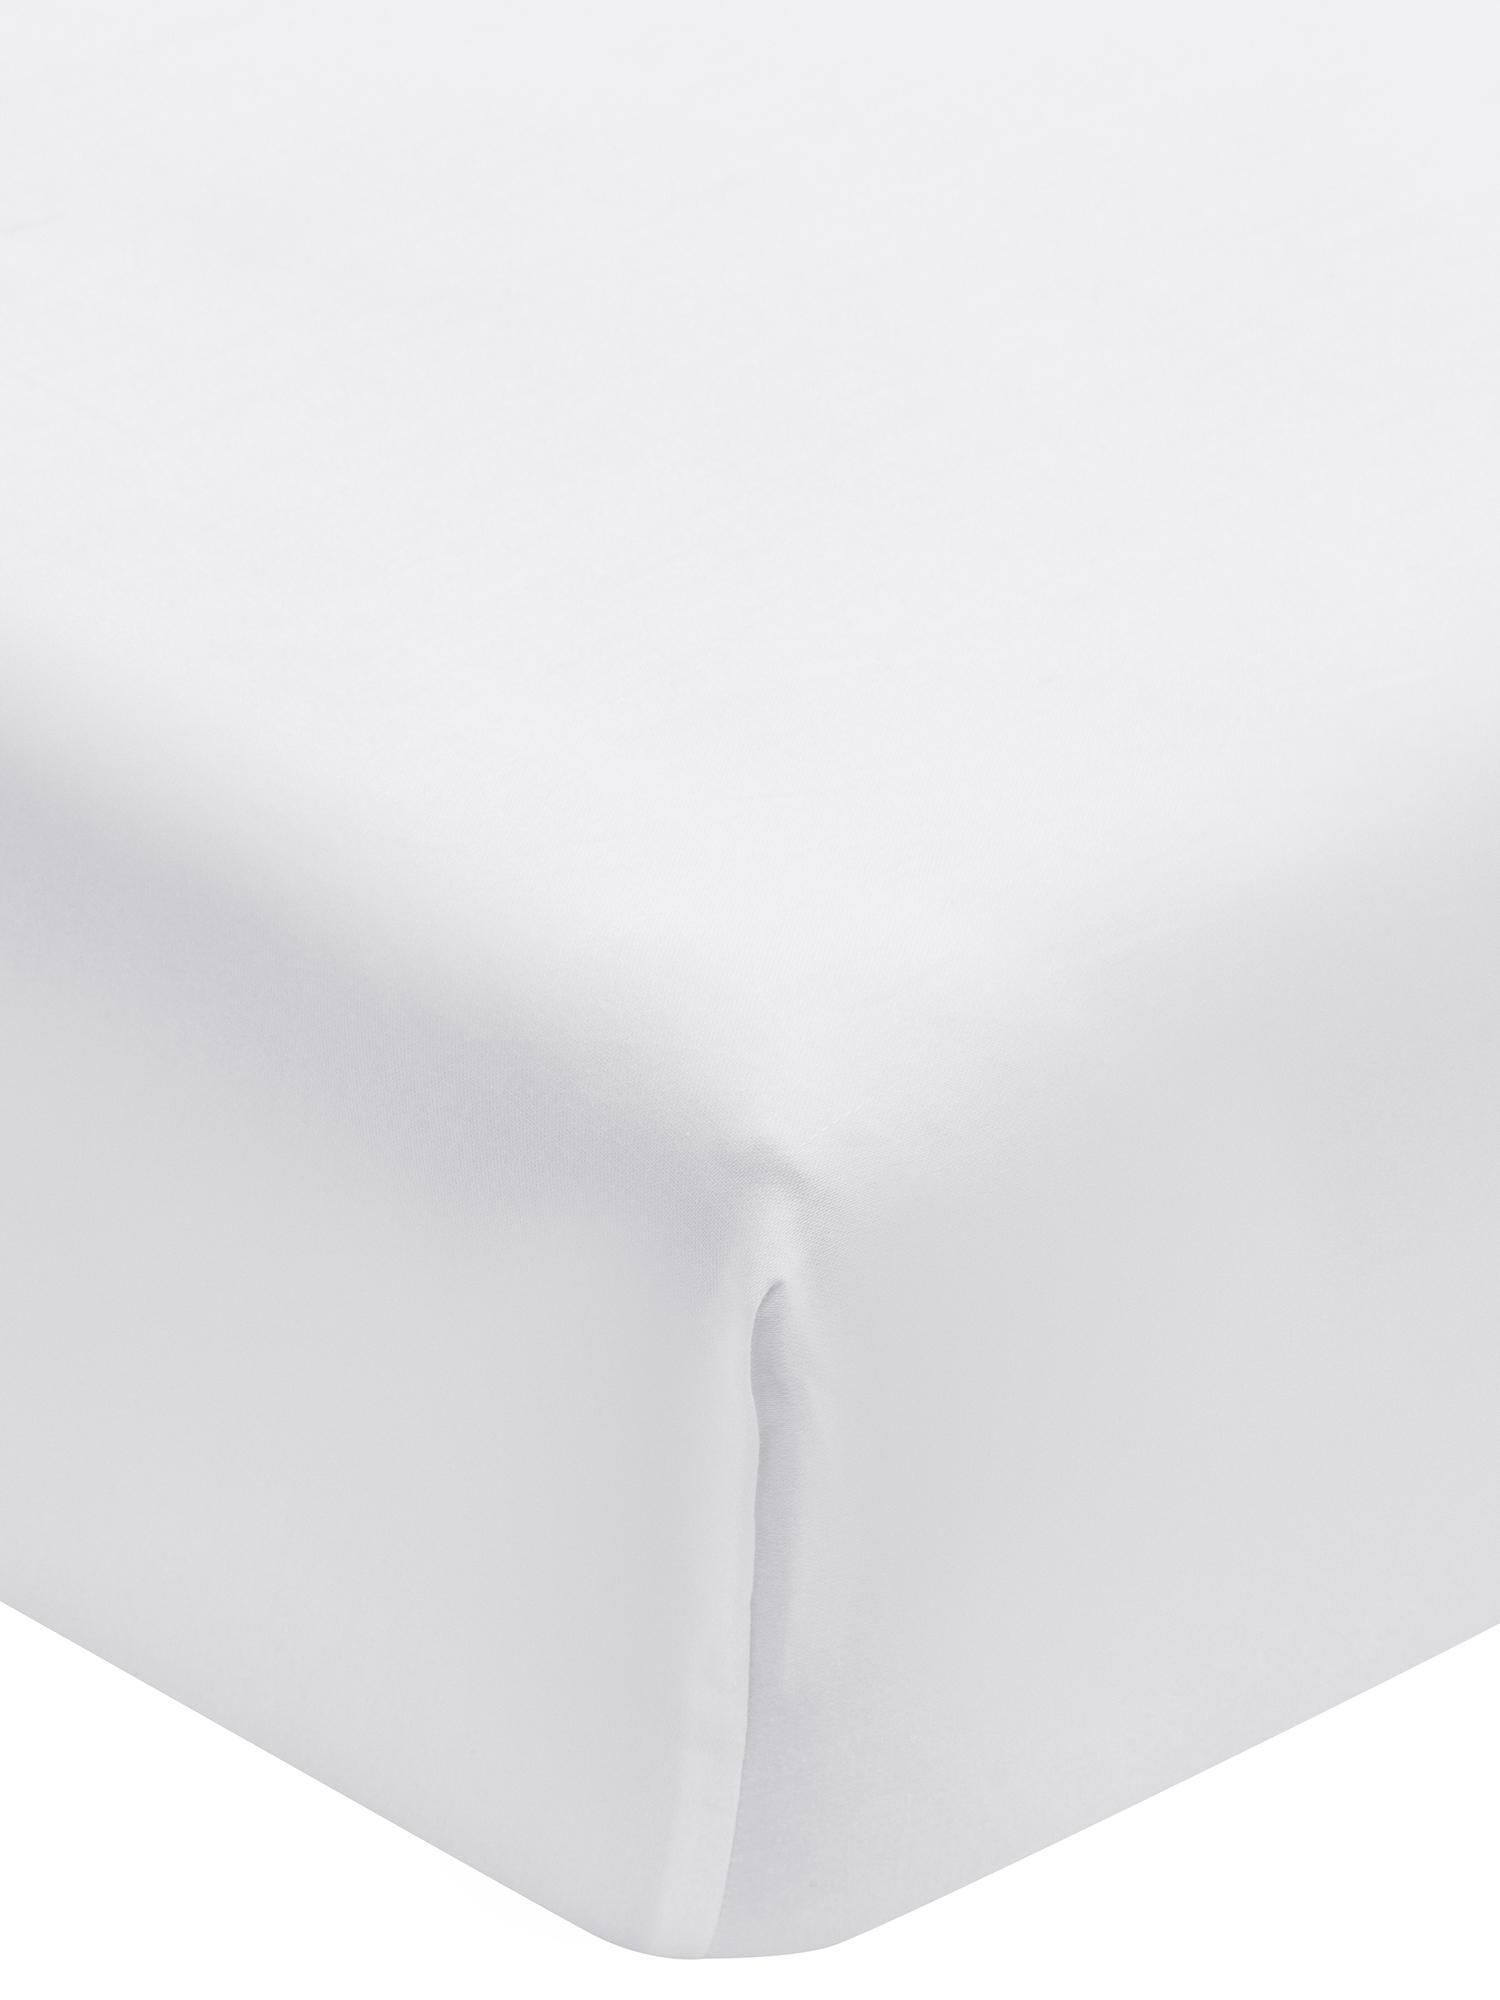 Sábana bajera de satén Premium, Blanco, Cama 150 cm (160 x 200 cm)